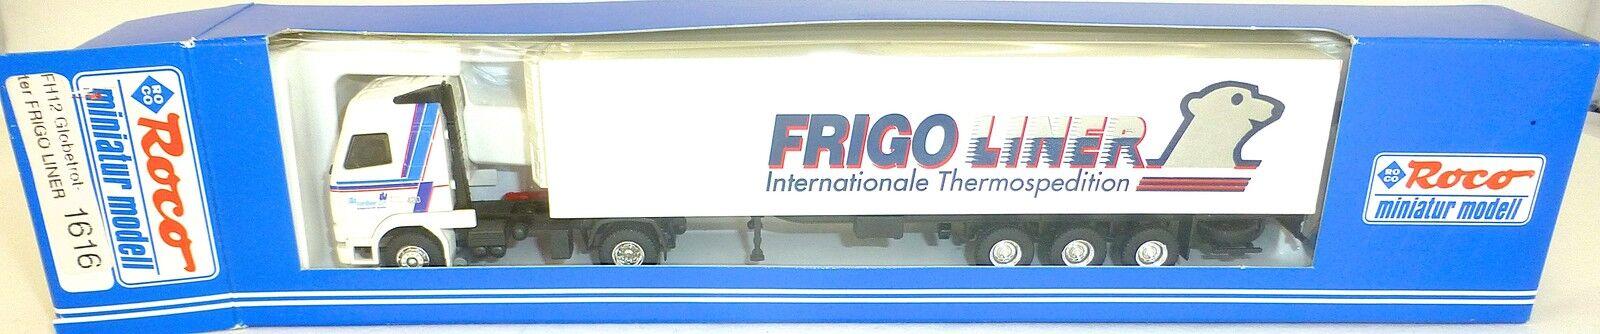 Fh12 Globetredter Frigo Liner Roco Art 1616 1 87 New Â